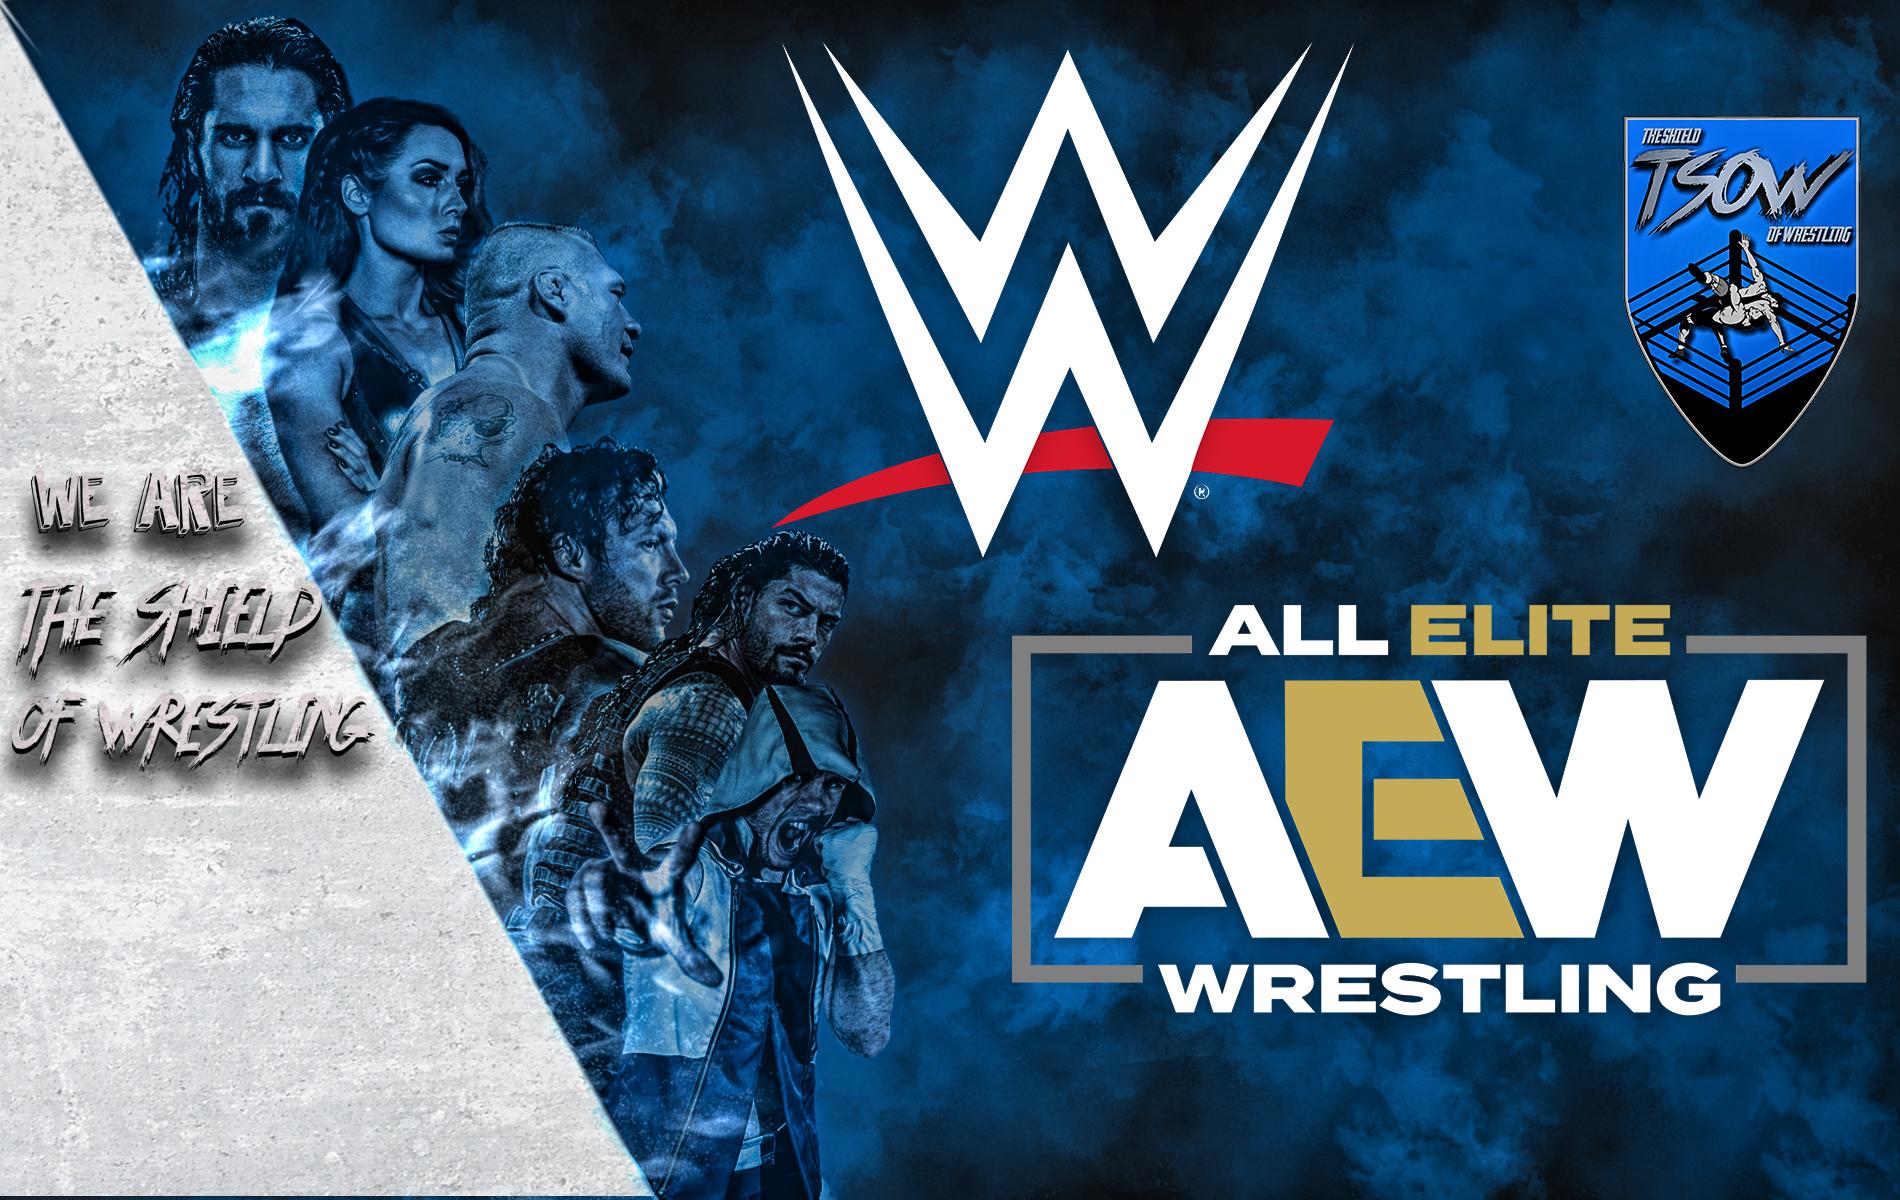 WWE chiede ai fan - AEW